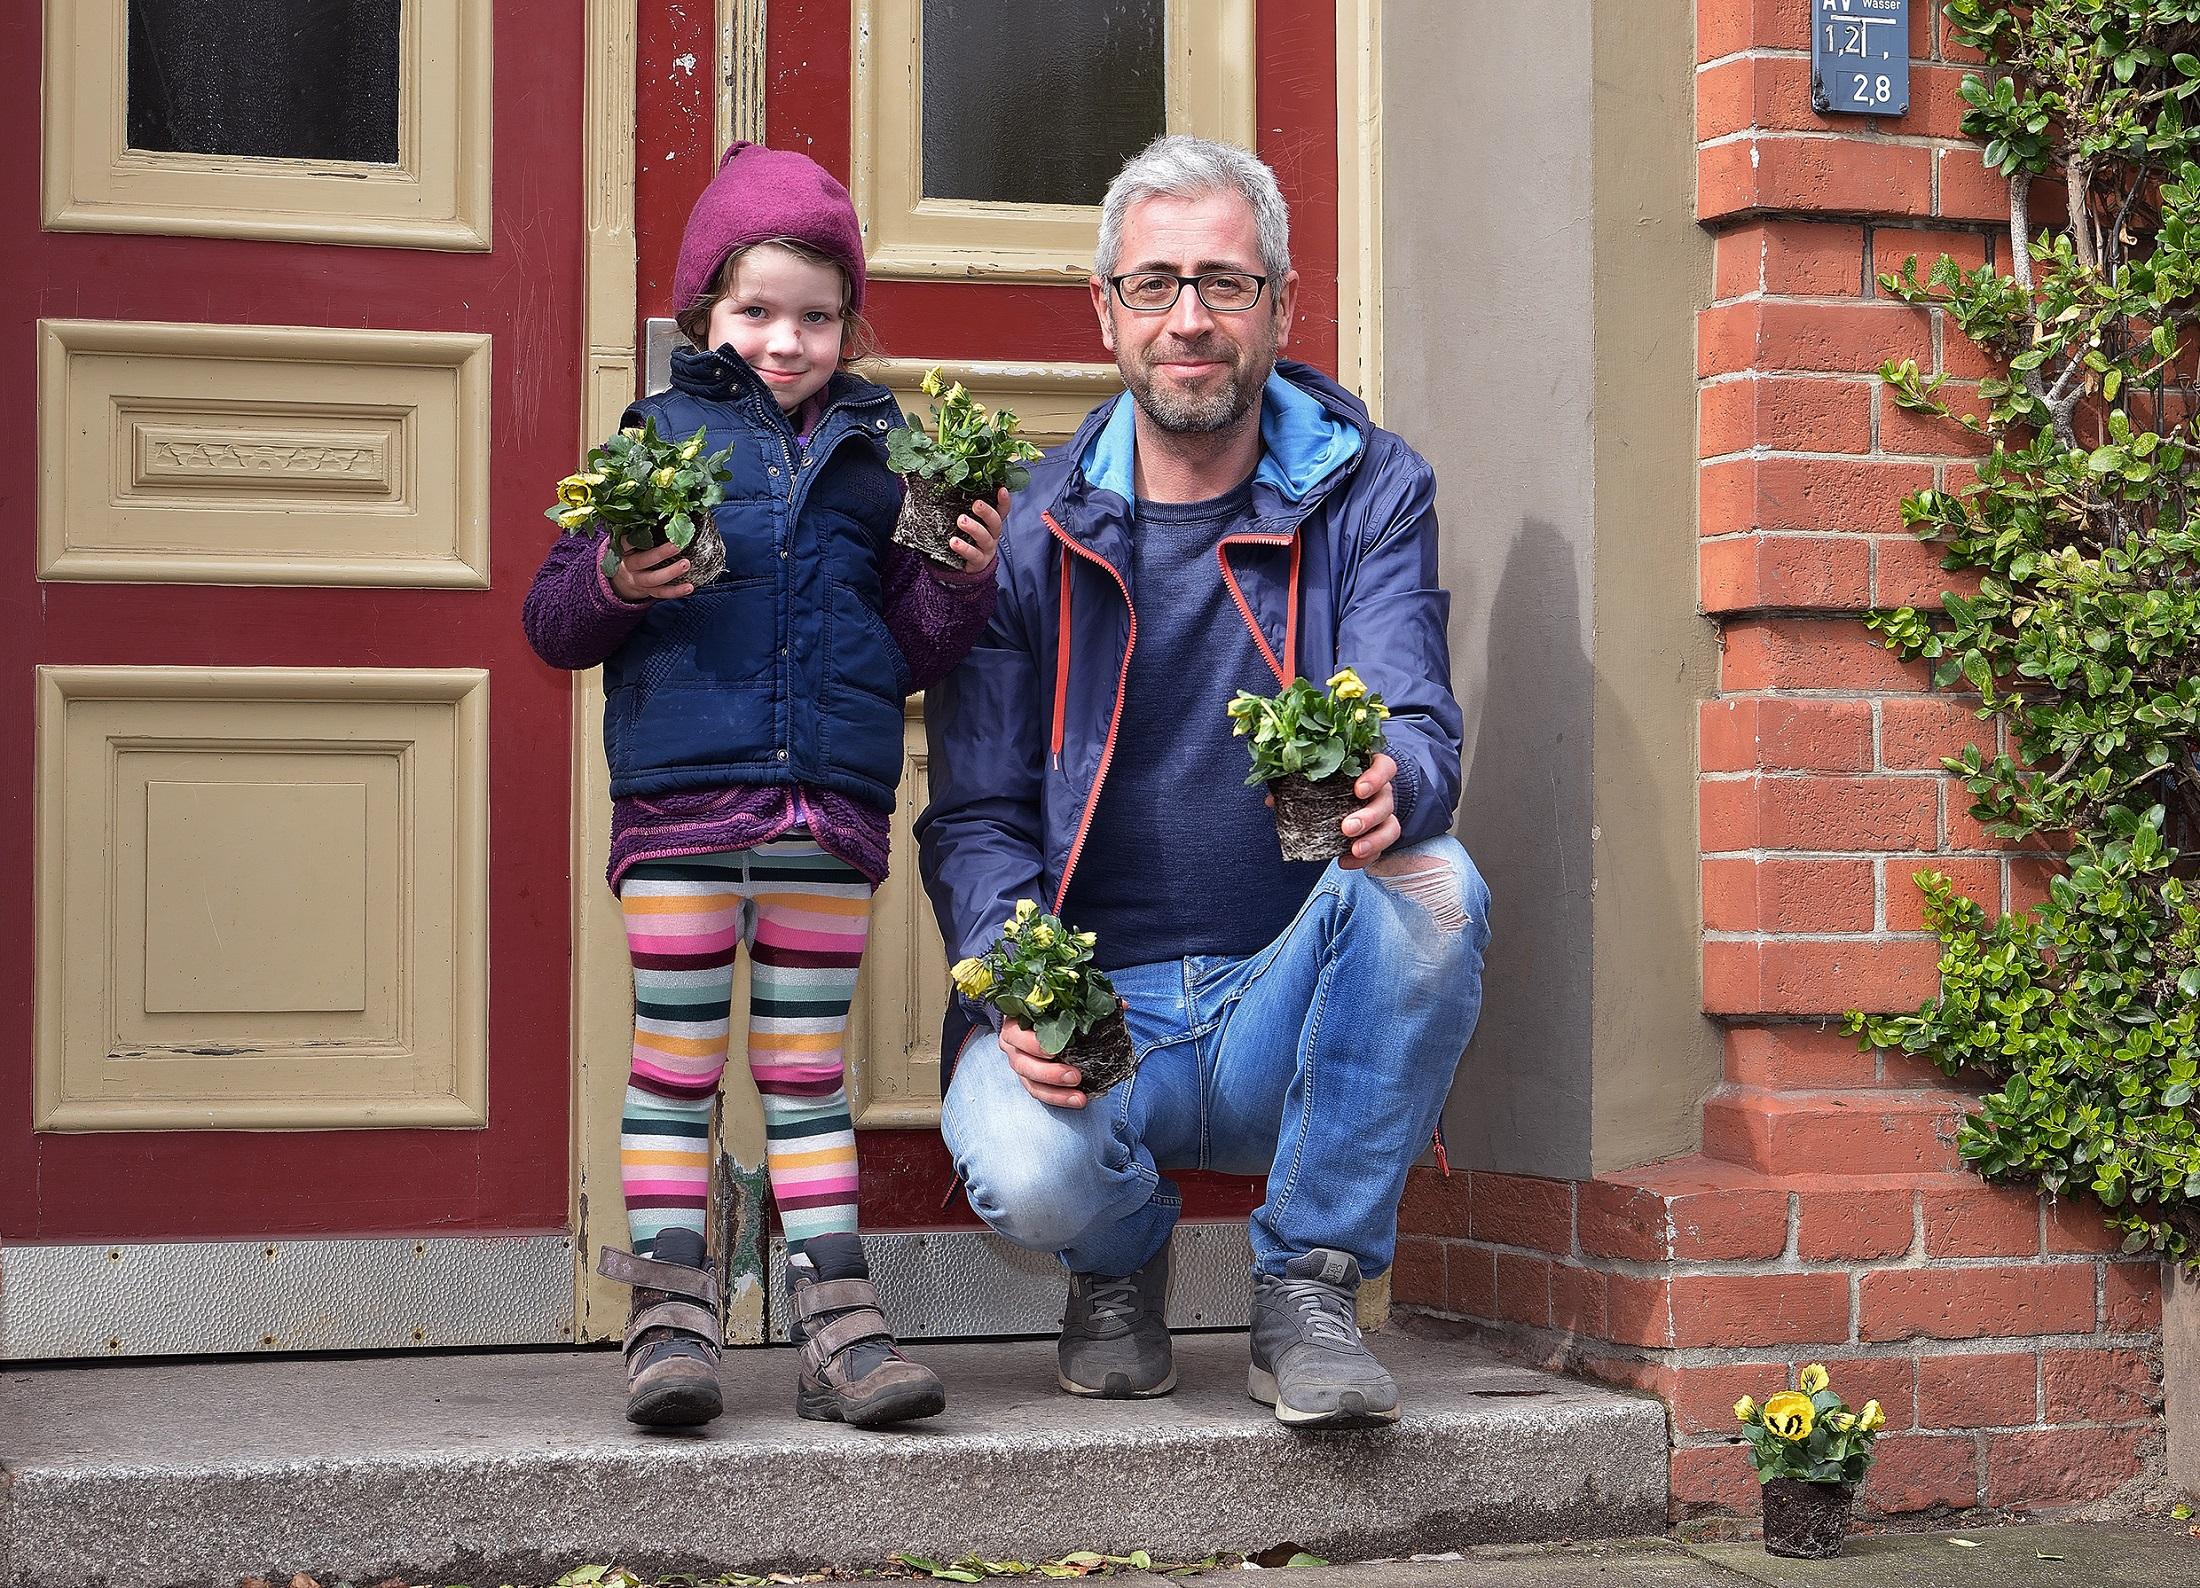 Frühlingsboten gibt es im März jedes Jahr für altoba-Mitglieder